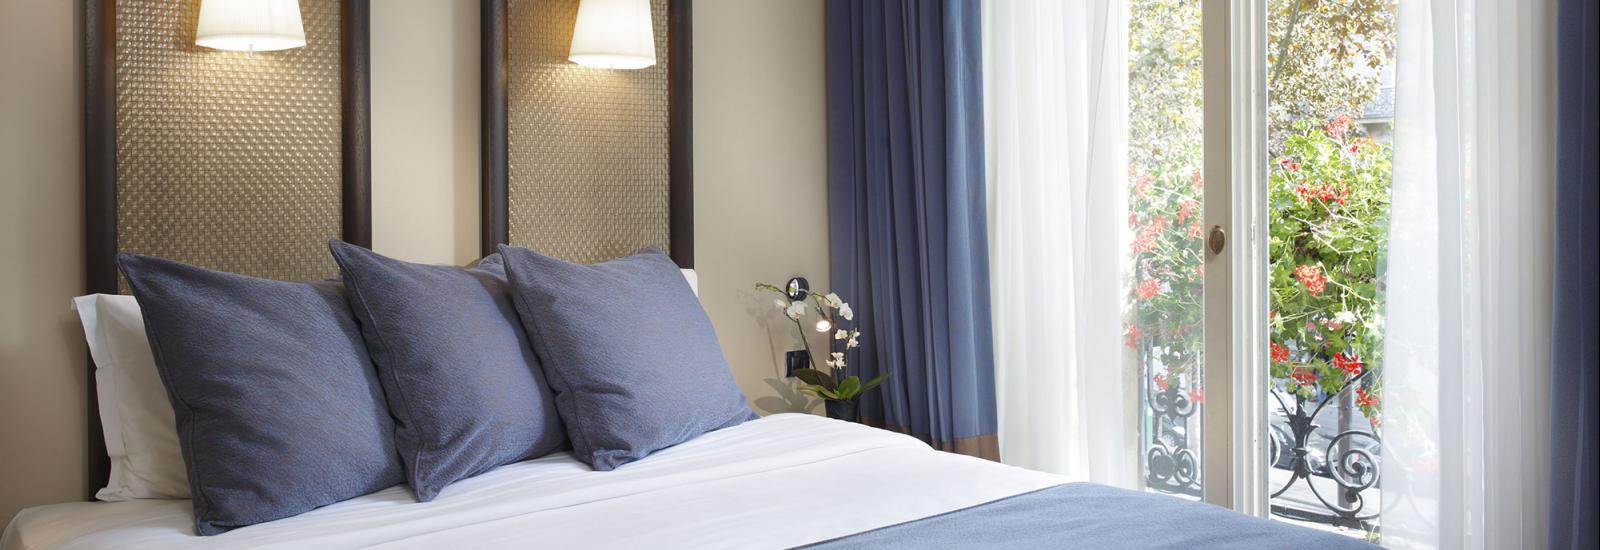 Standard Family Room Design Hotel Elysees Regencia Paris 4 Star